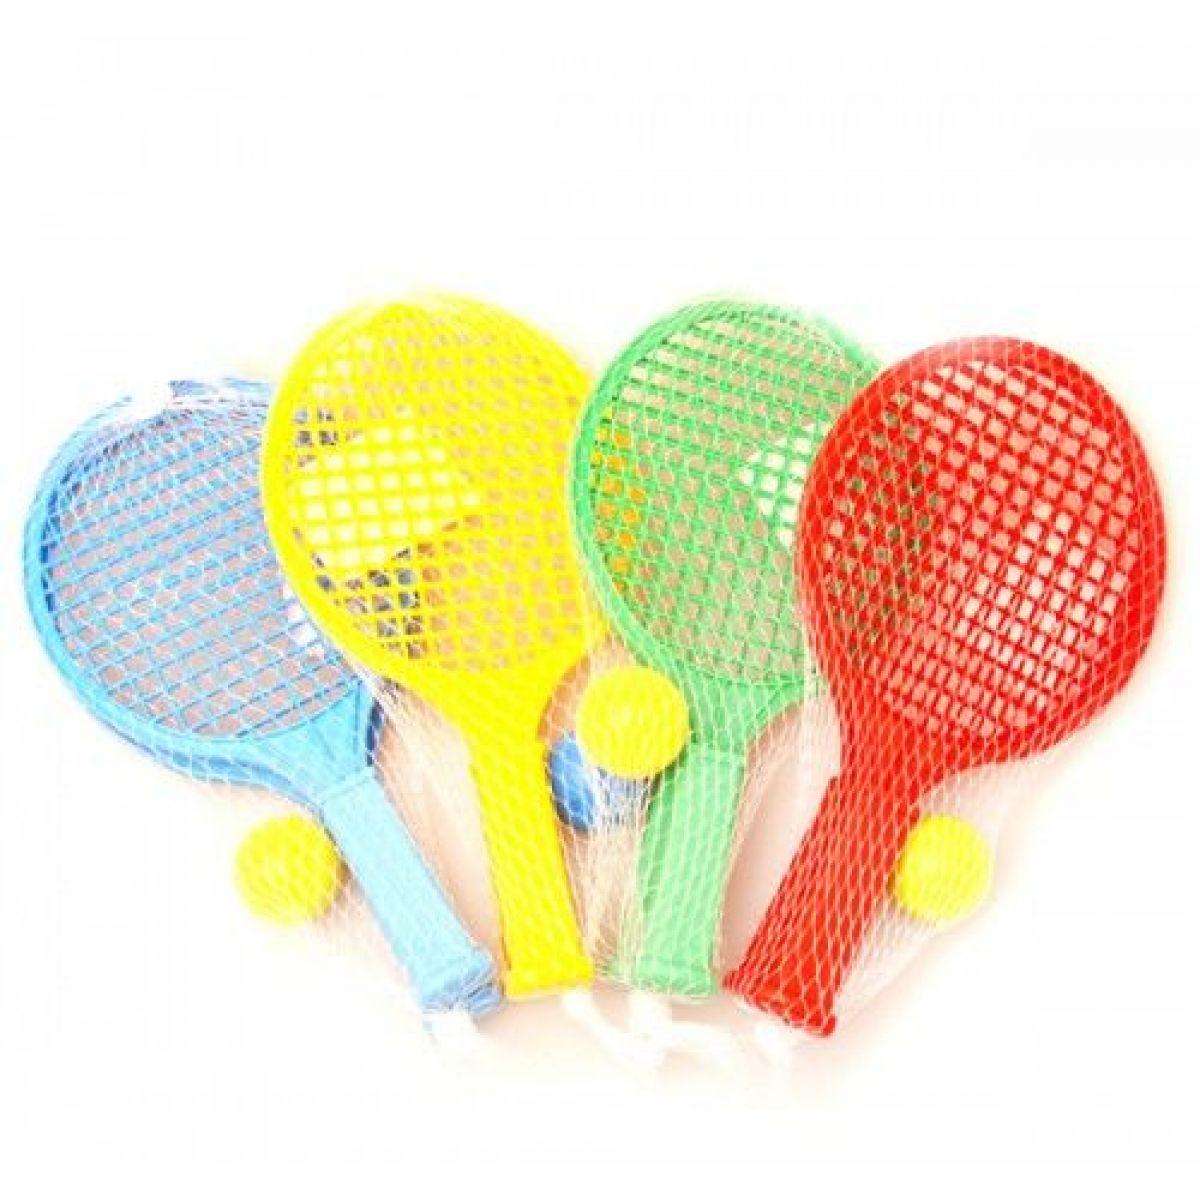 Raketa plážová malá soft tenis barevný